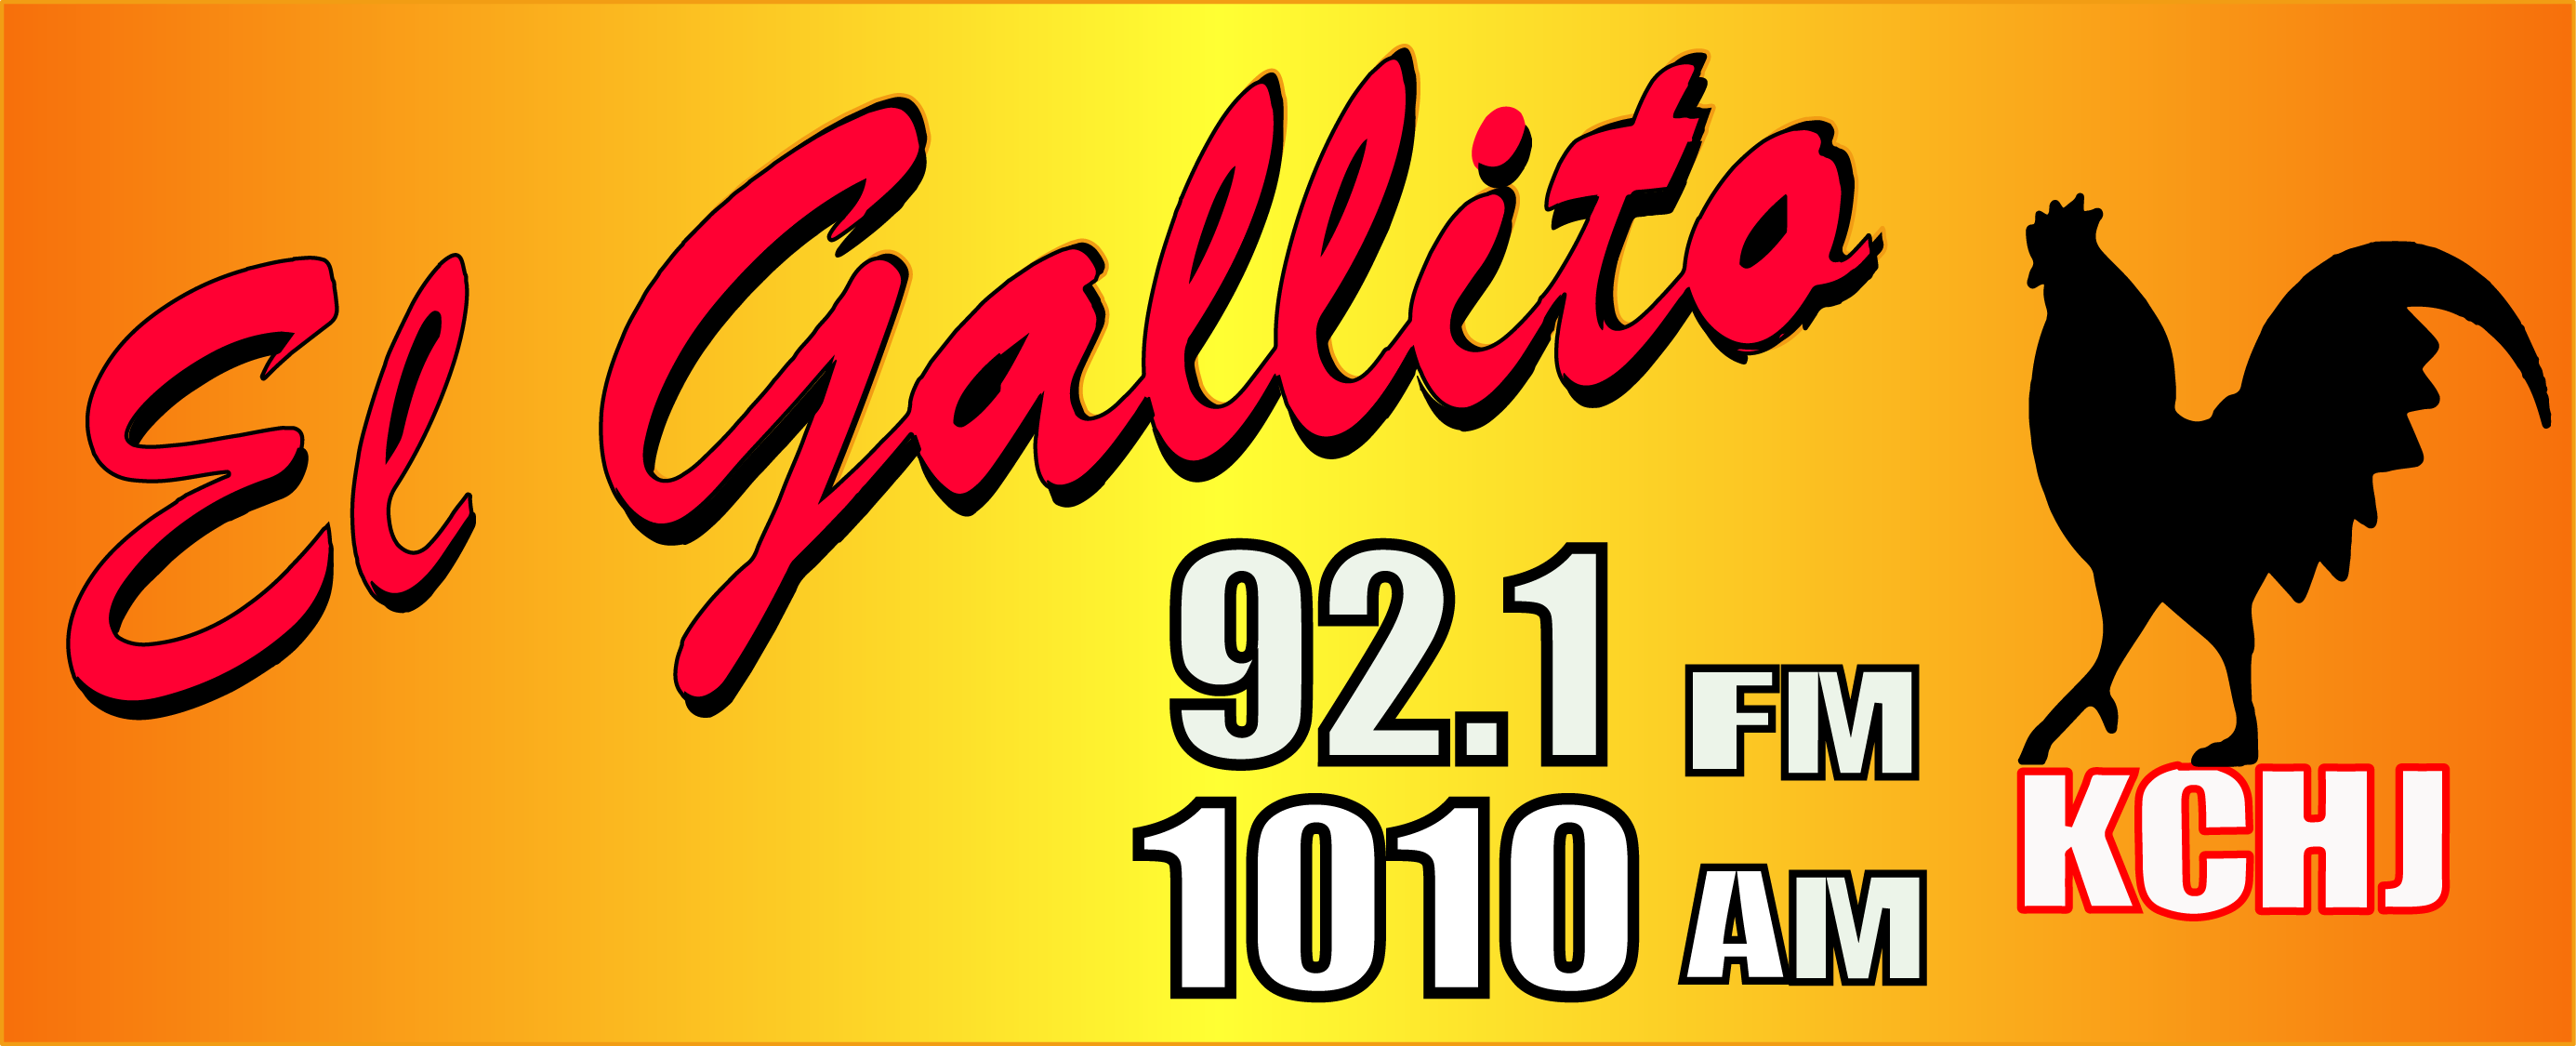 El Gallito 1010 AM Y 92.1 FM